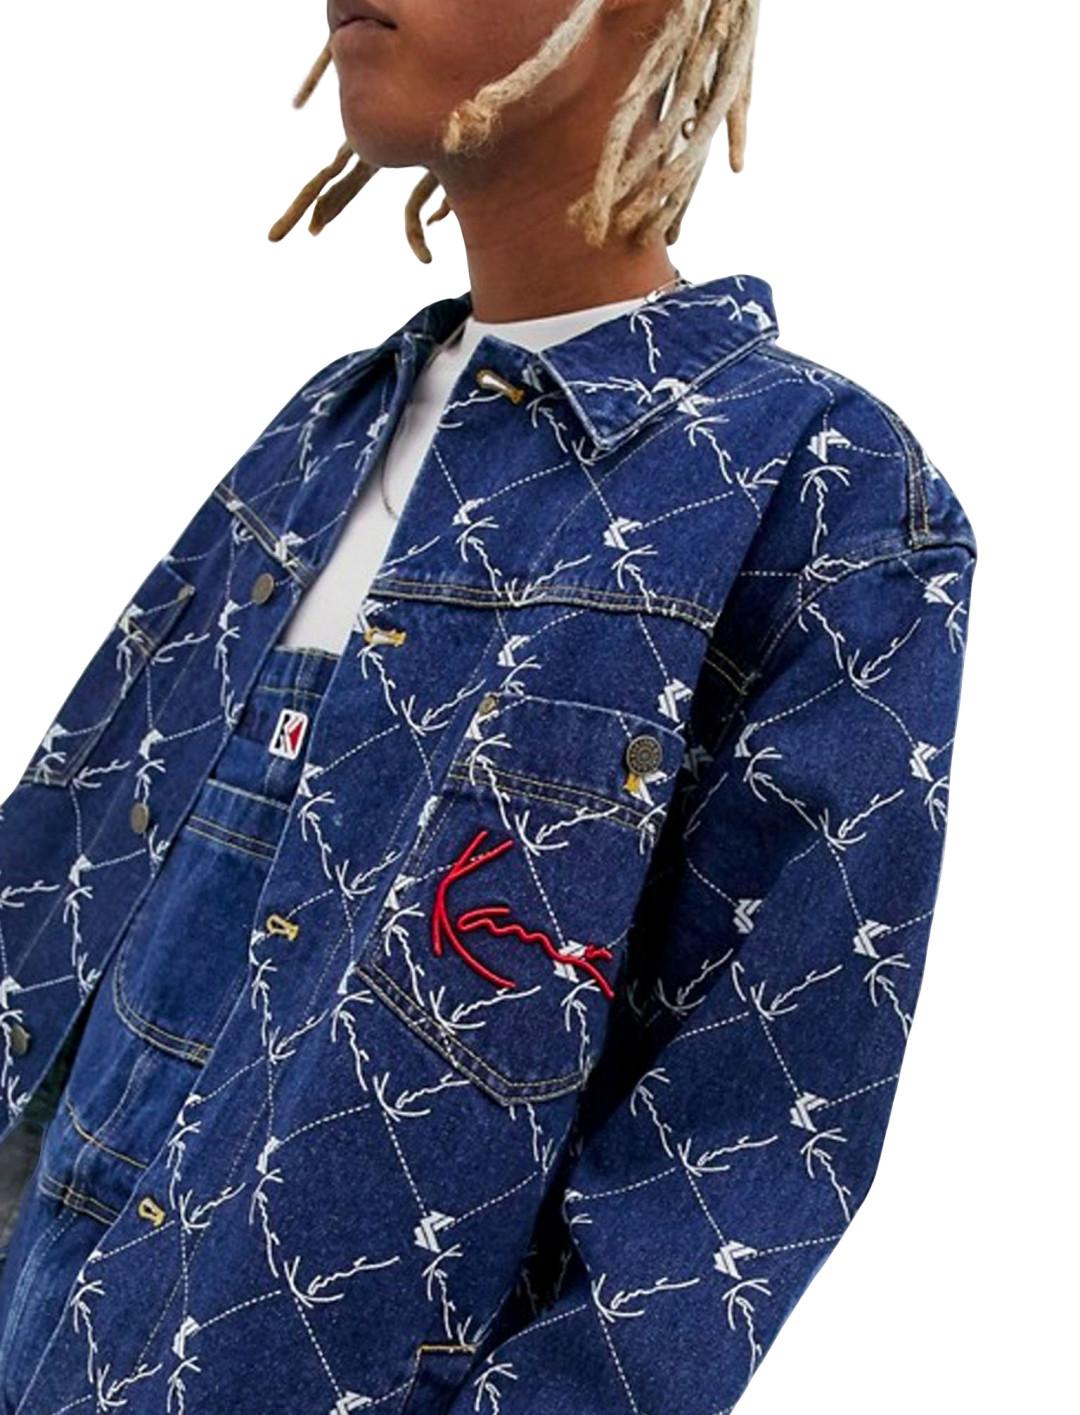 Shirt Jacket Clothing